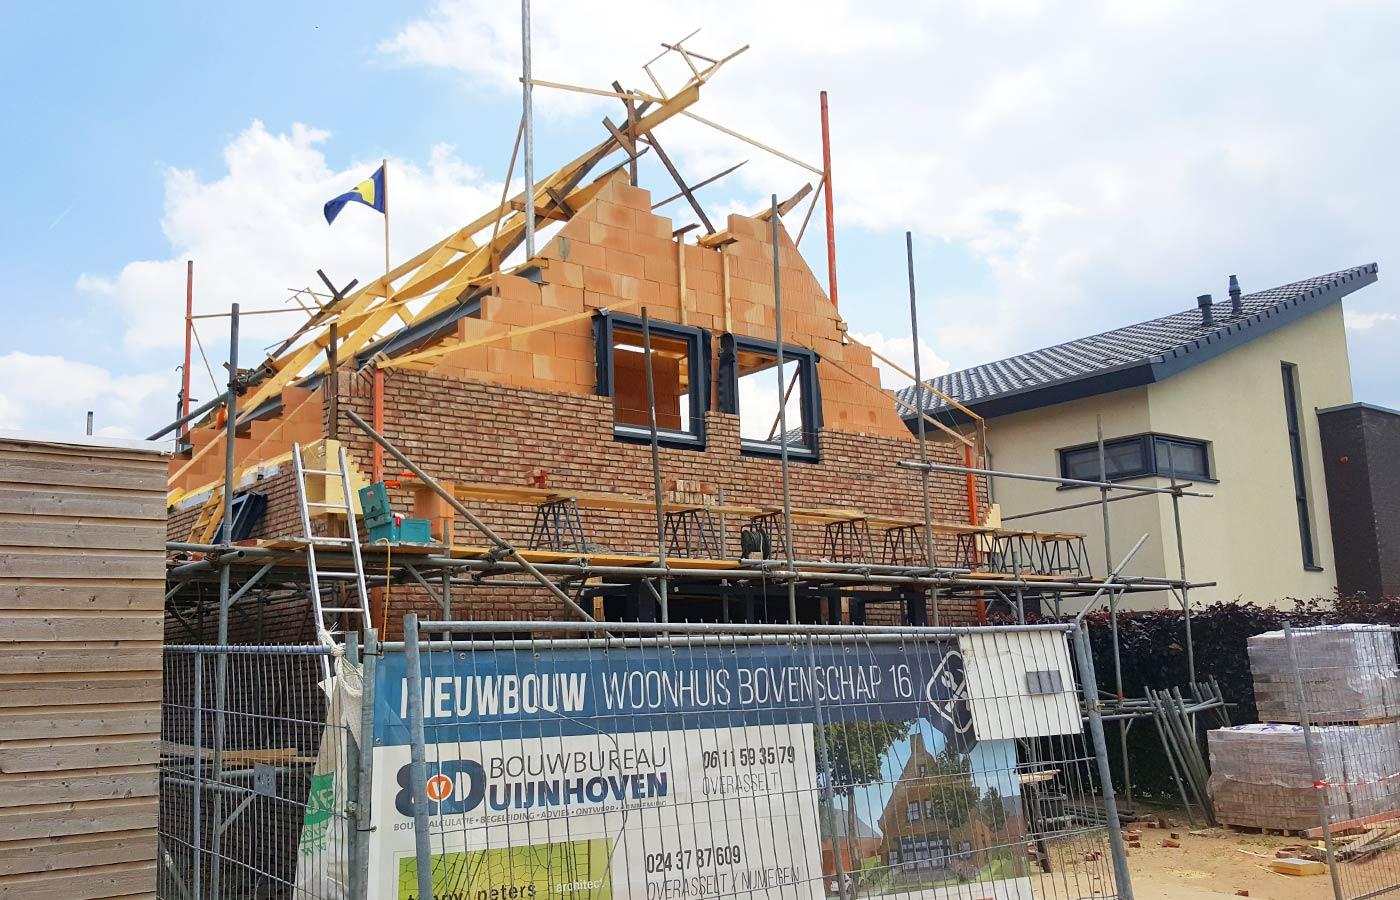 Duijnhoven - woonhuis bouwen - joppe